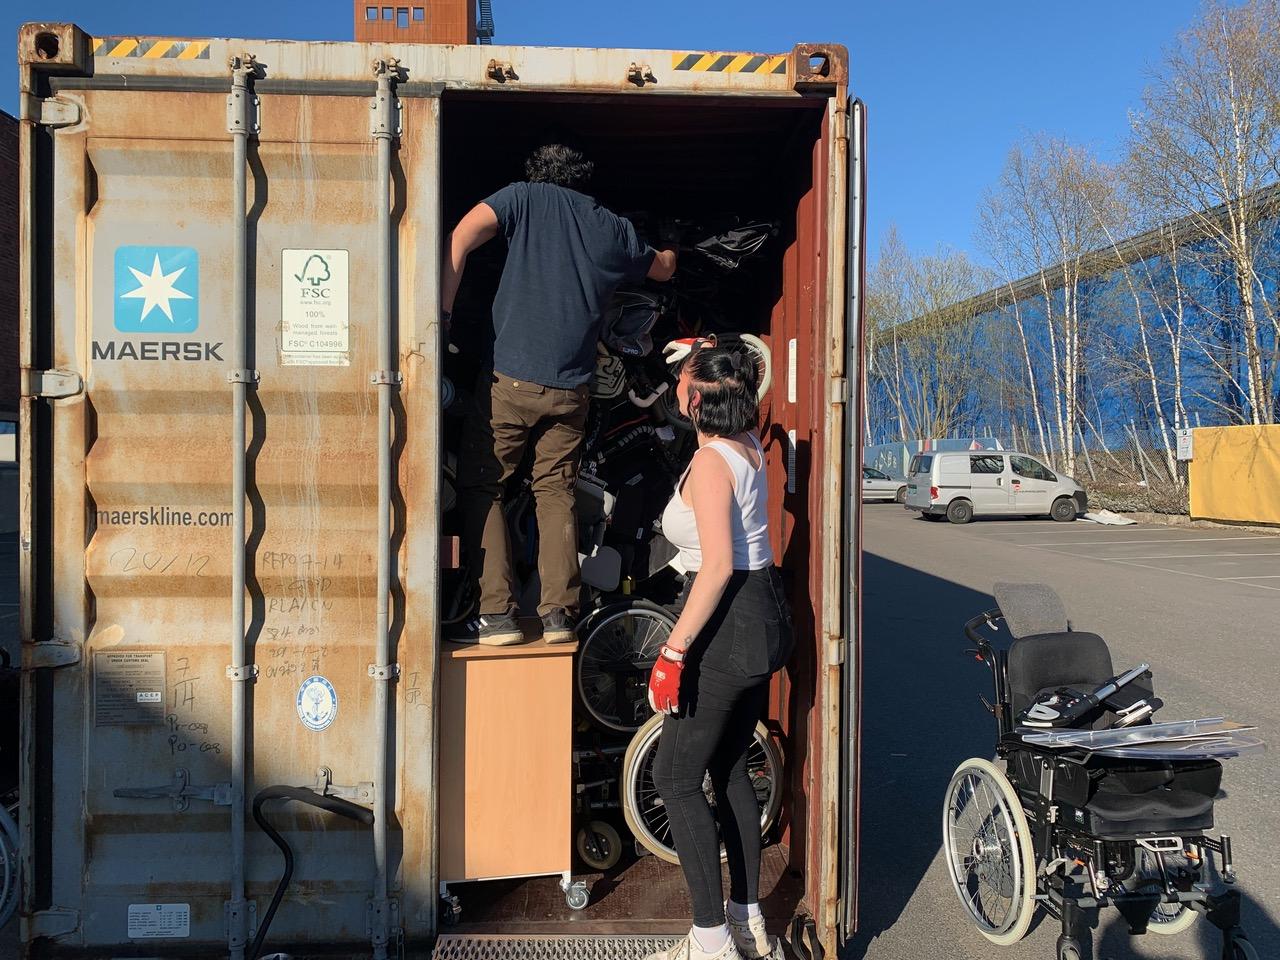 David og Kjerstin i container nr 138